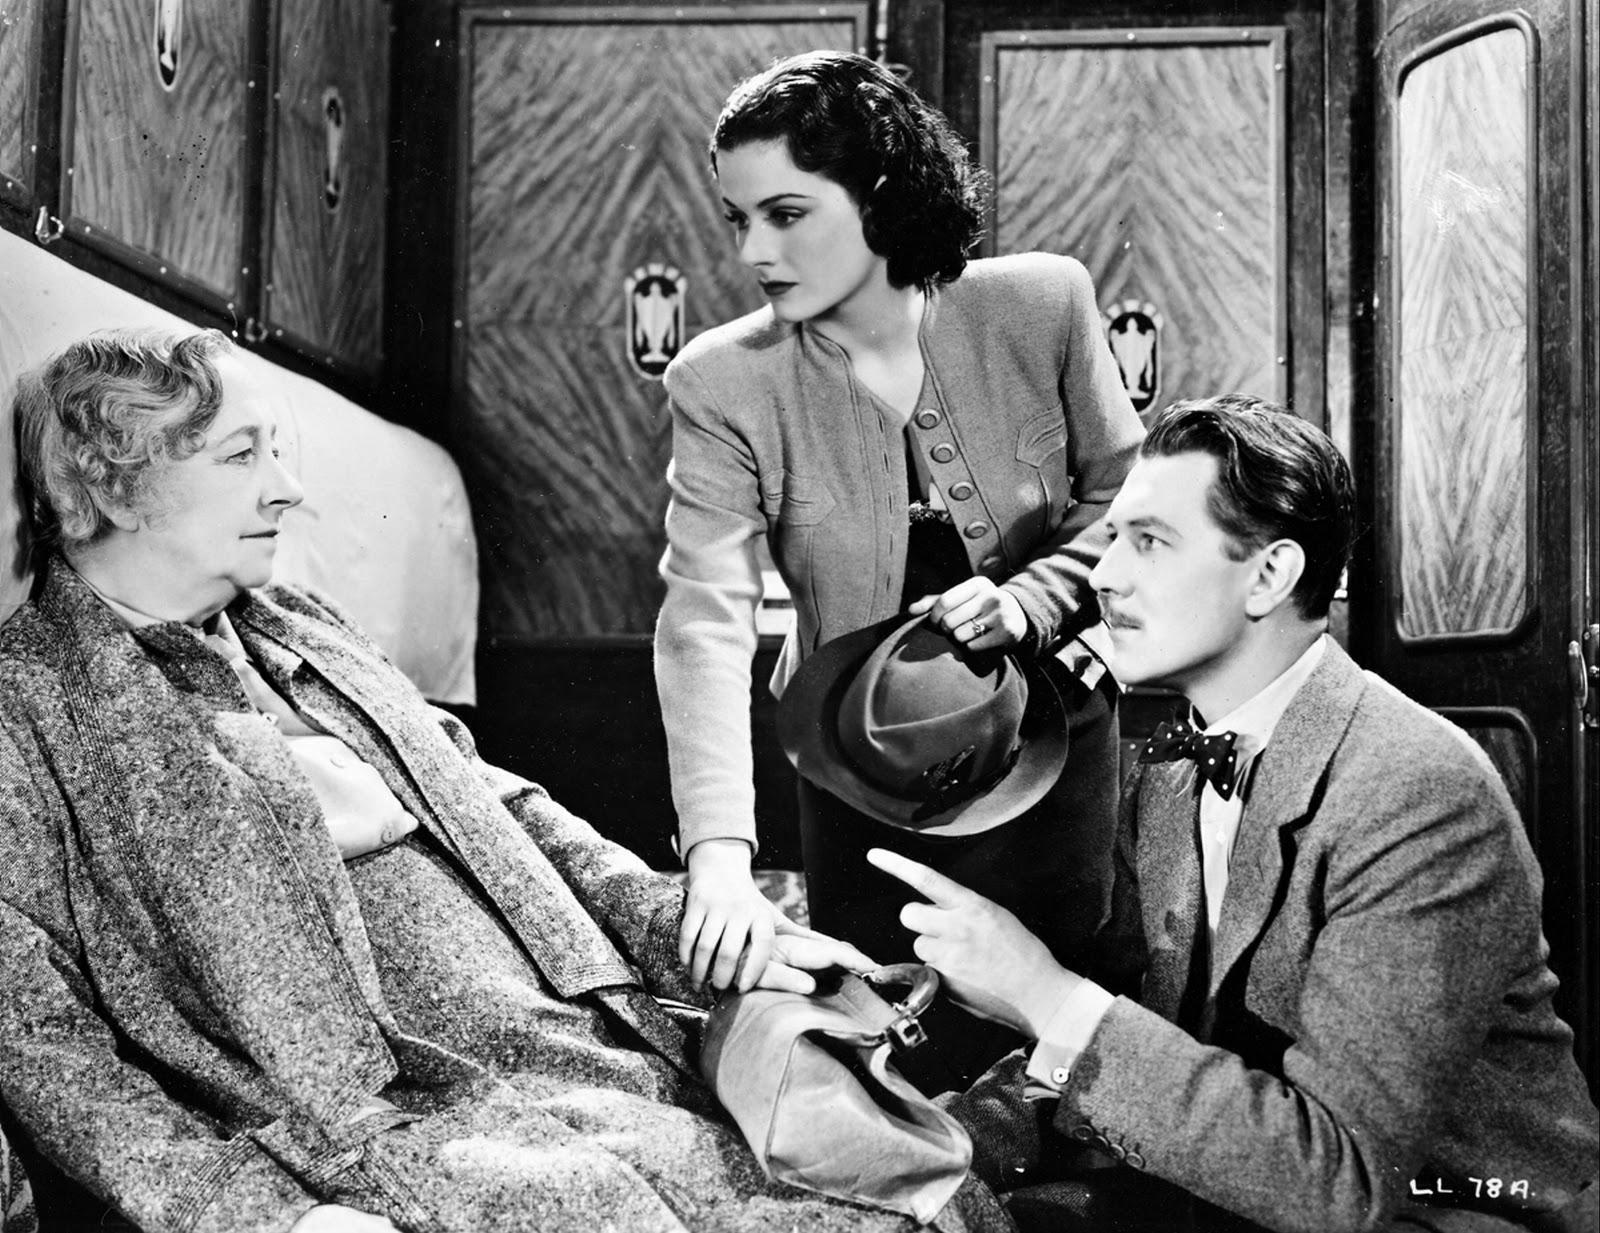 Risultati immagini per la signora scompare film 1938